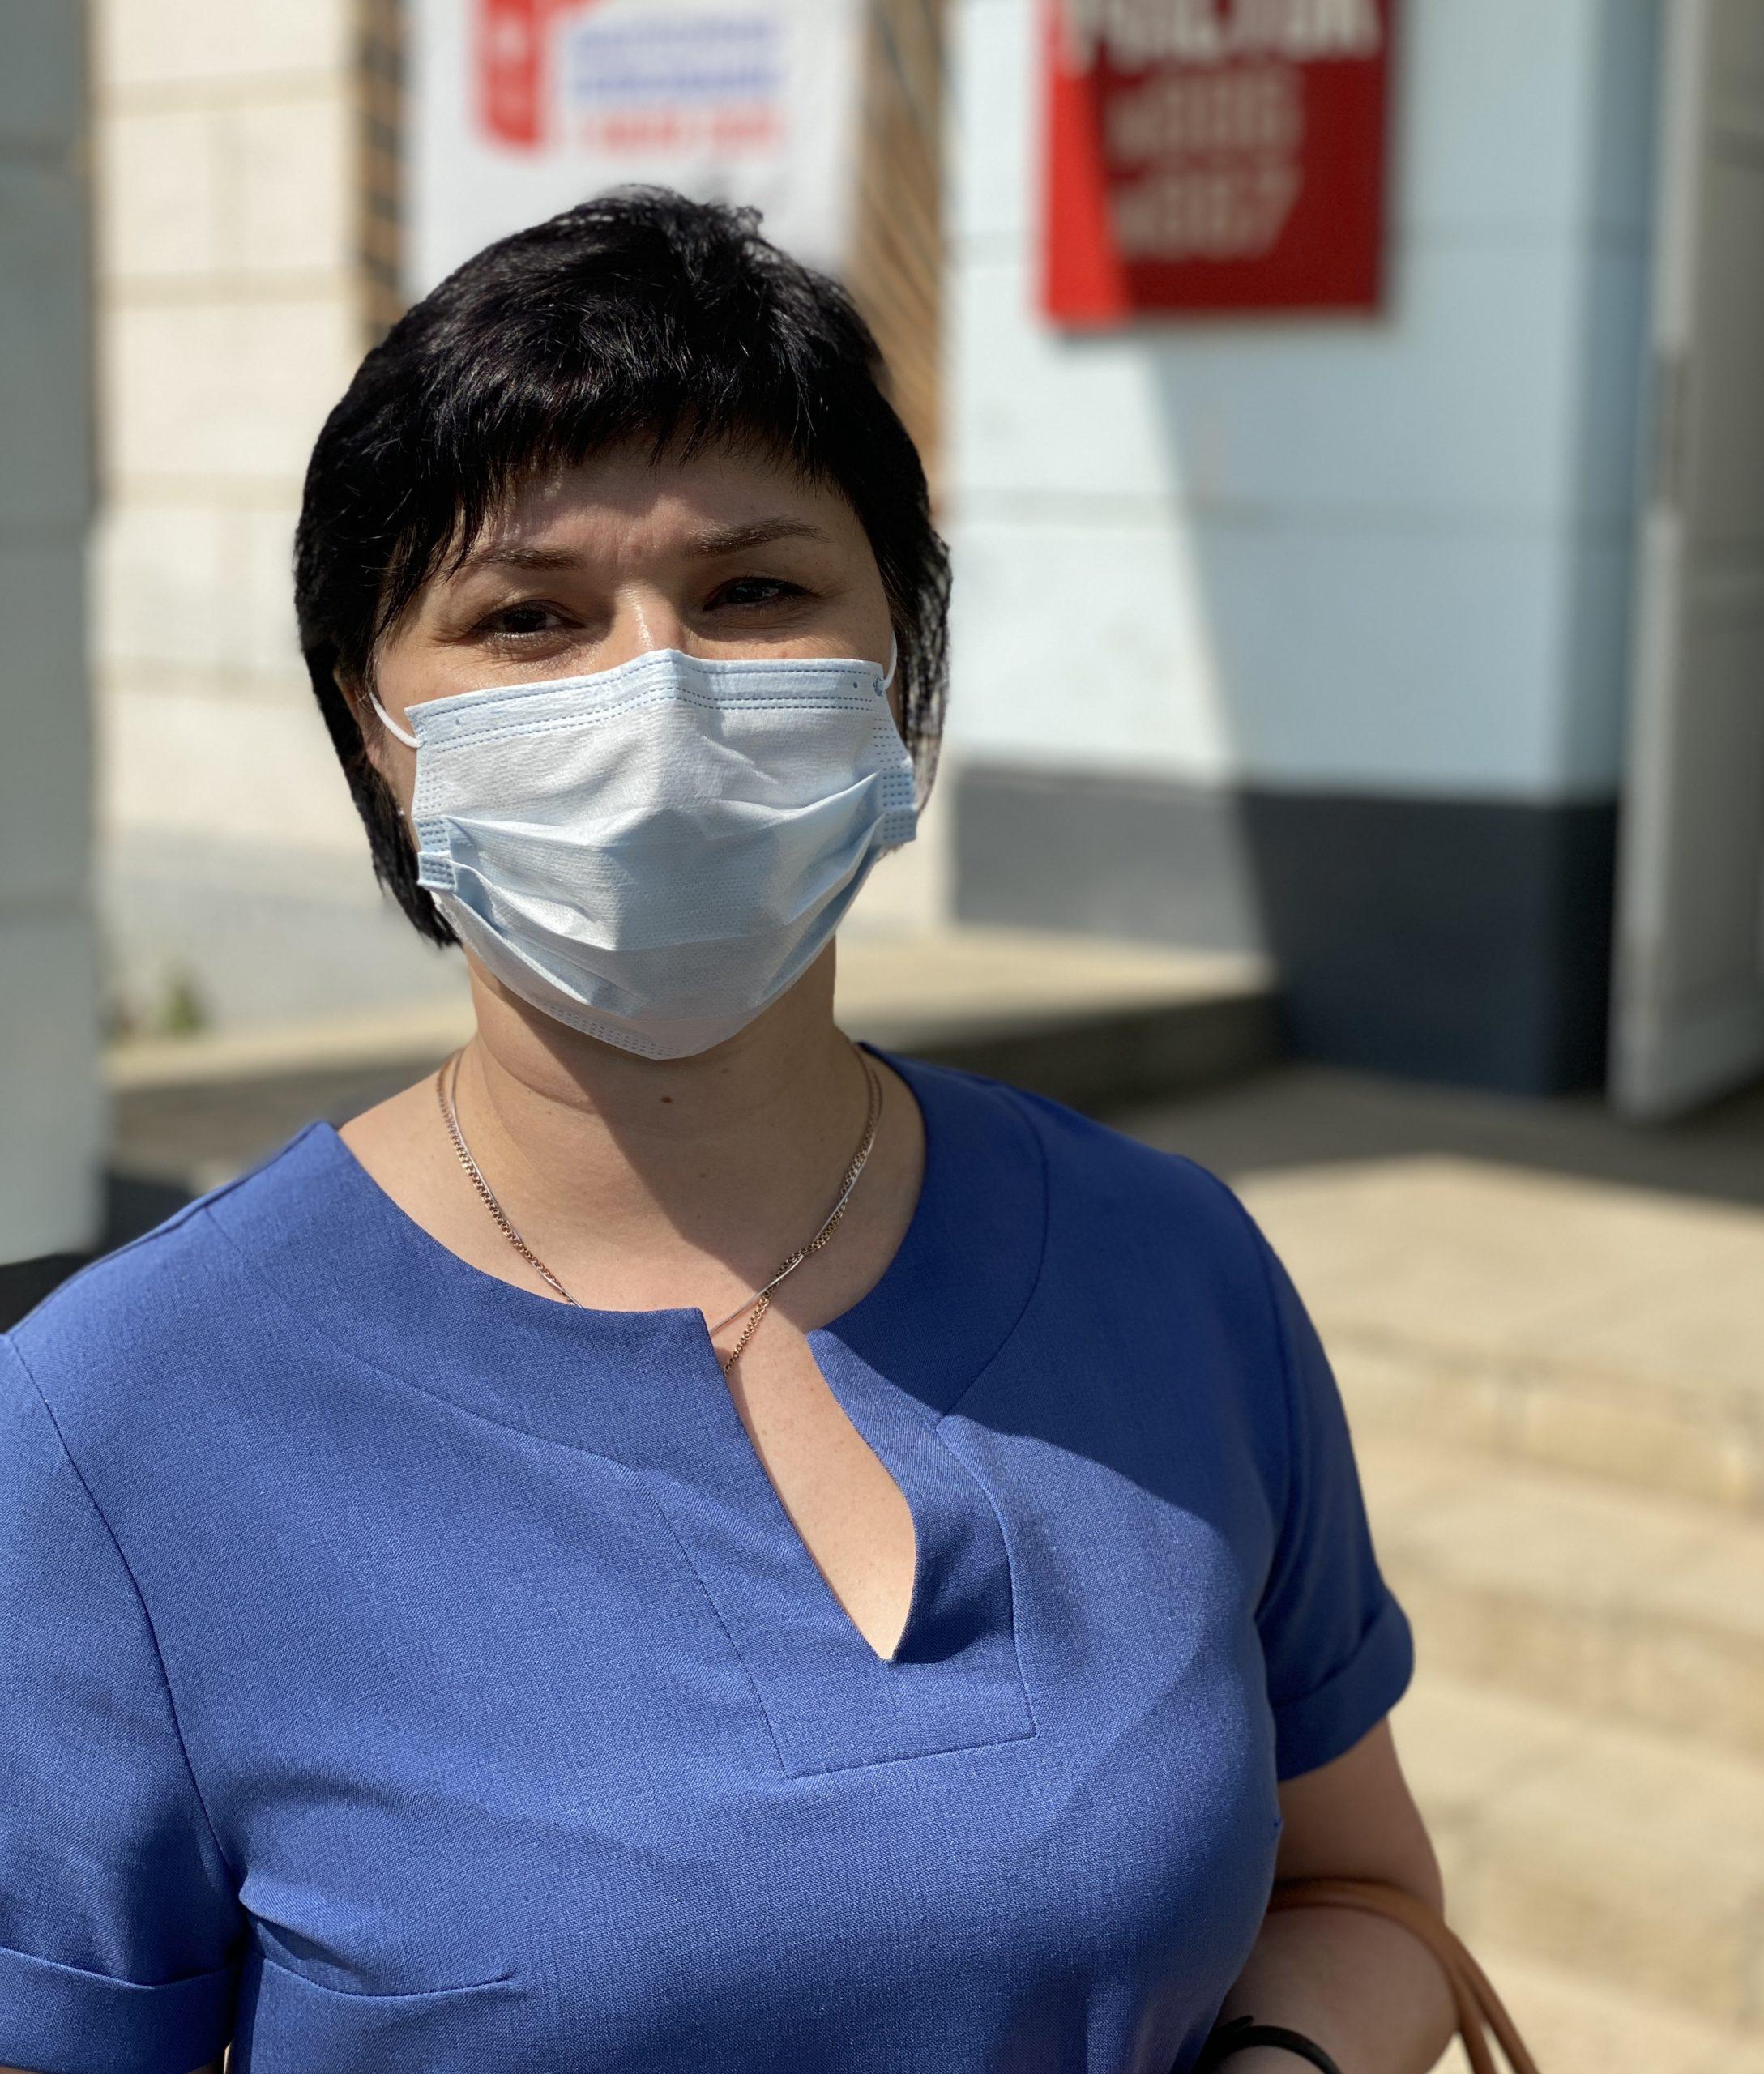 Главный врач детской больницы Анна Бекетова поделилась своим мнением с избирательного участка